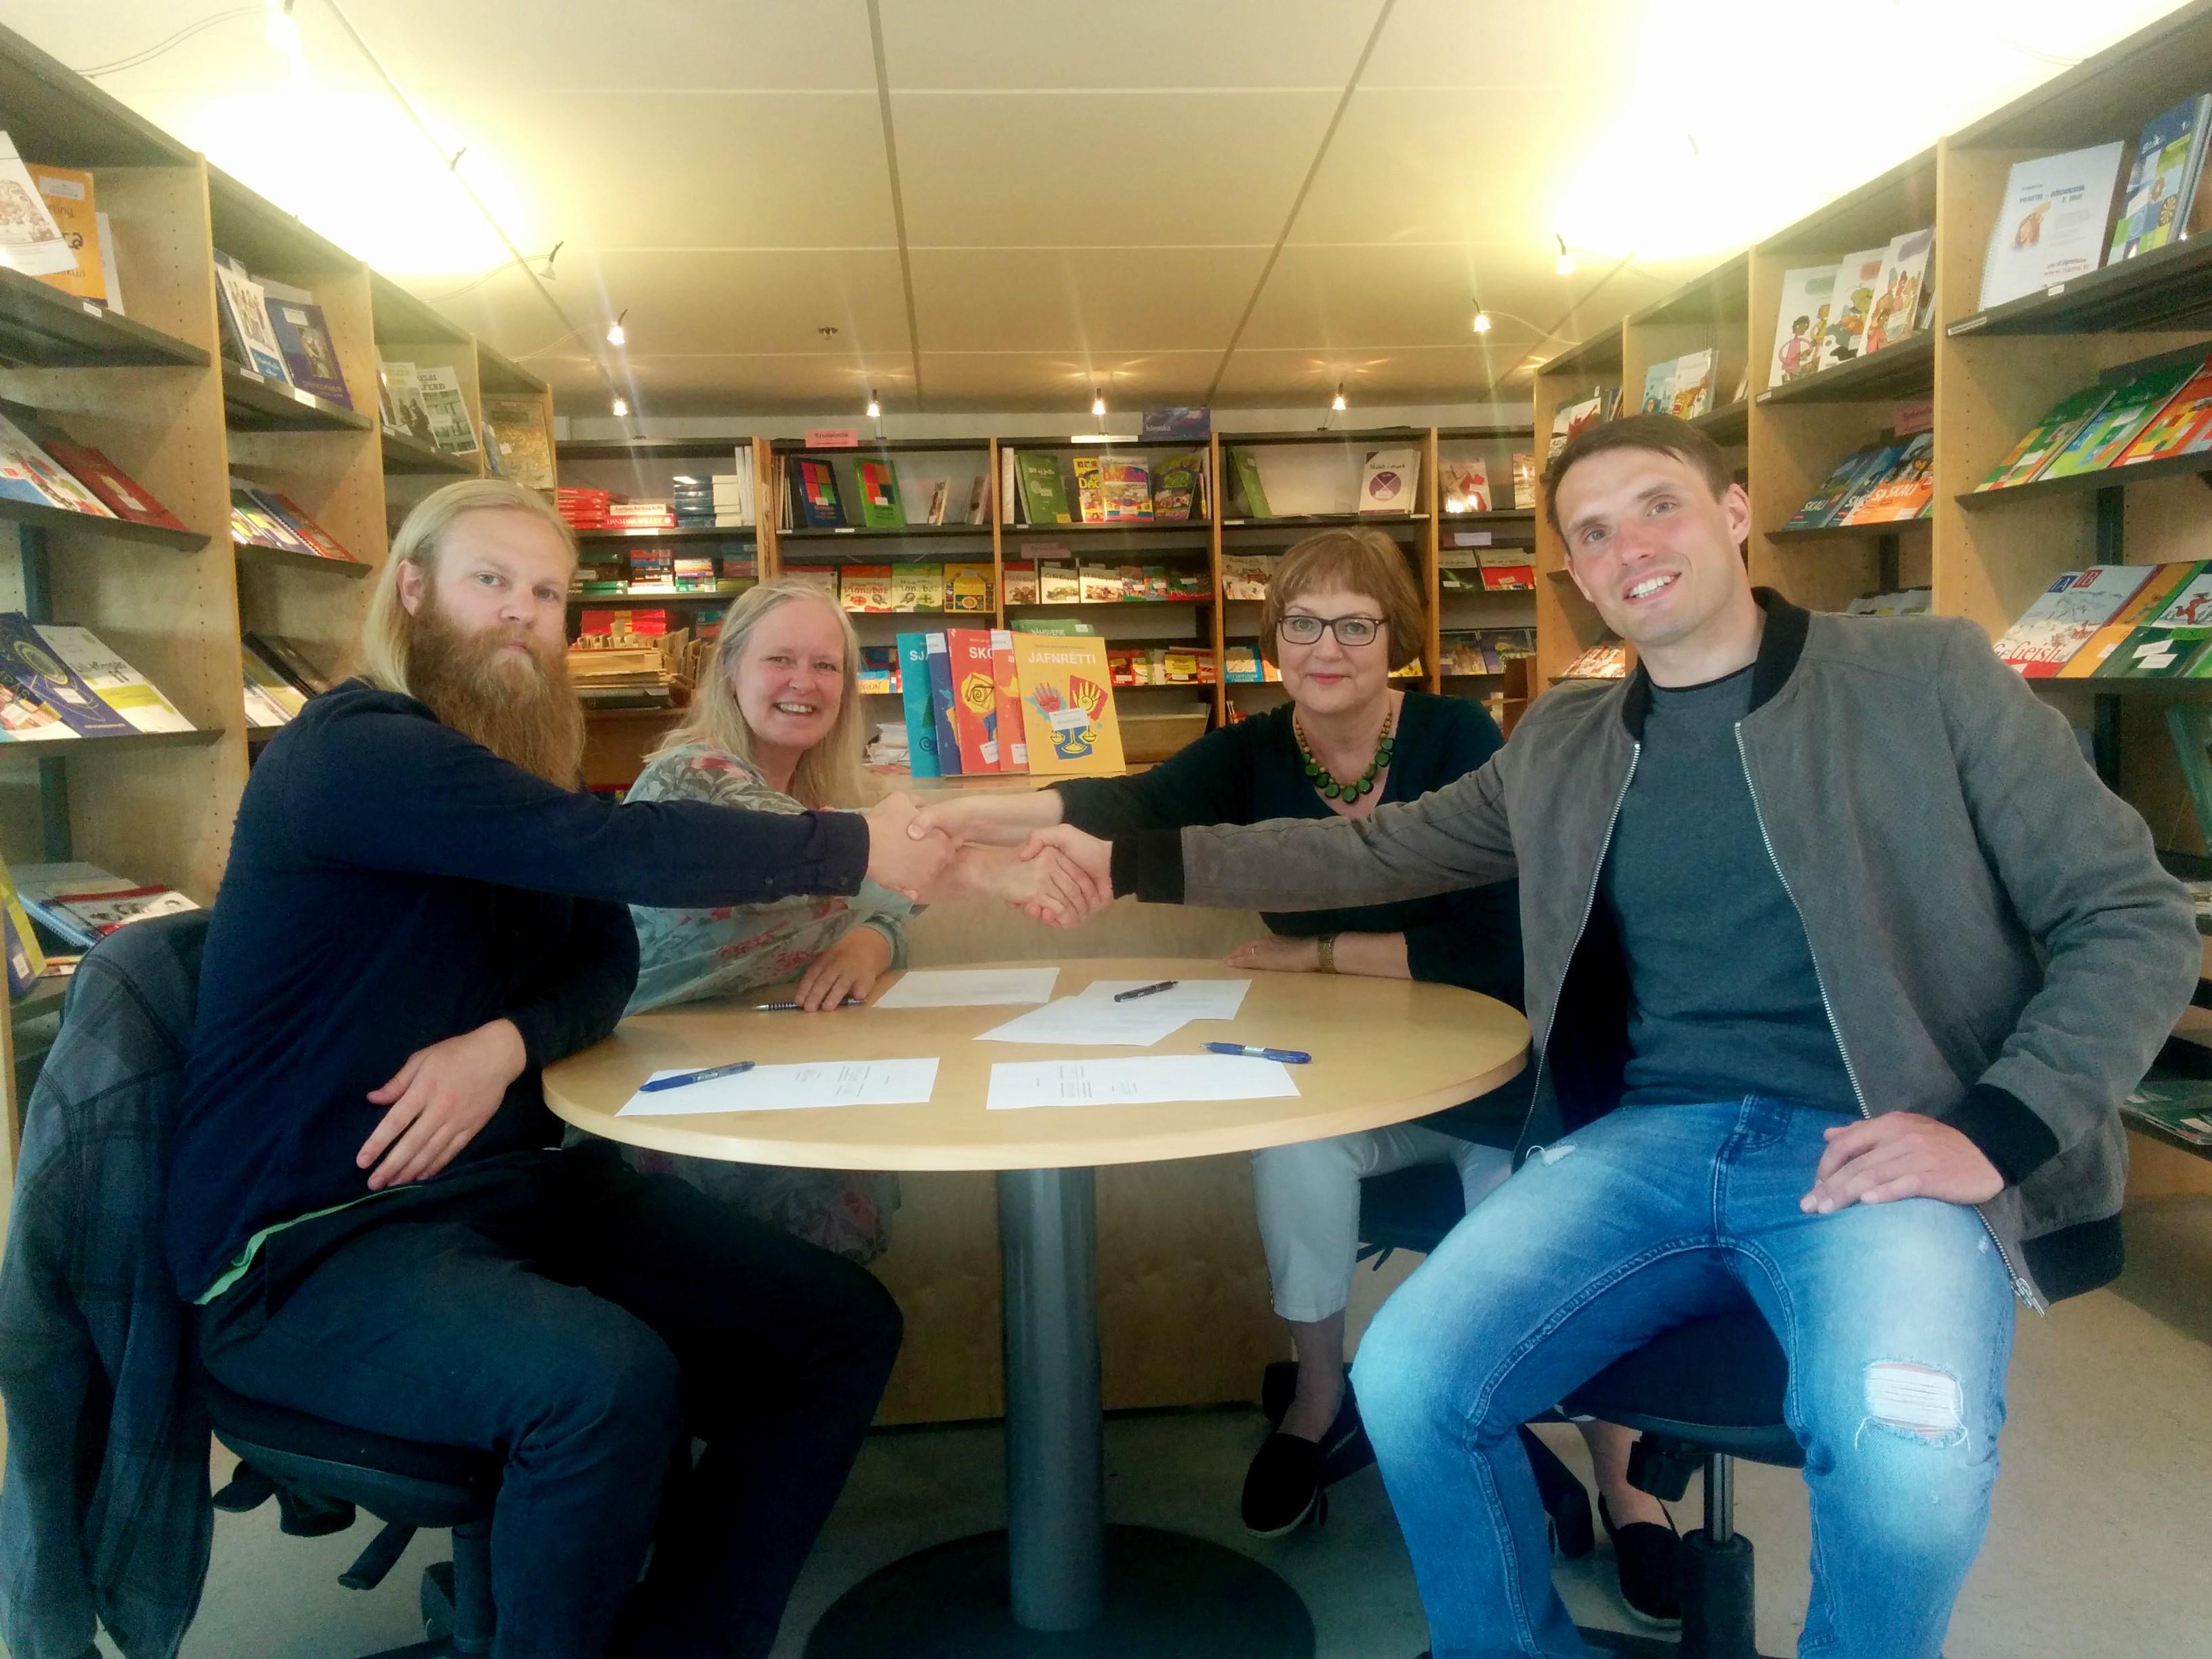 Arna H. Jónsdóttir lektor, Kristin Dýrfjörð dósent, Eysteinn Sindri Elvarsson og Birkir Guðjón Sveinsson